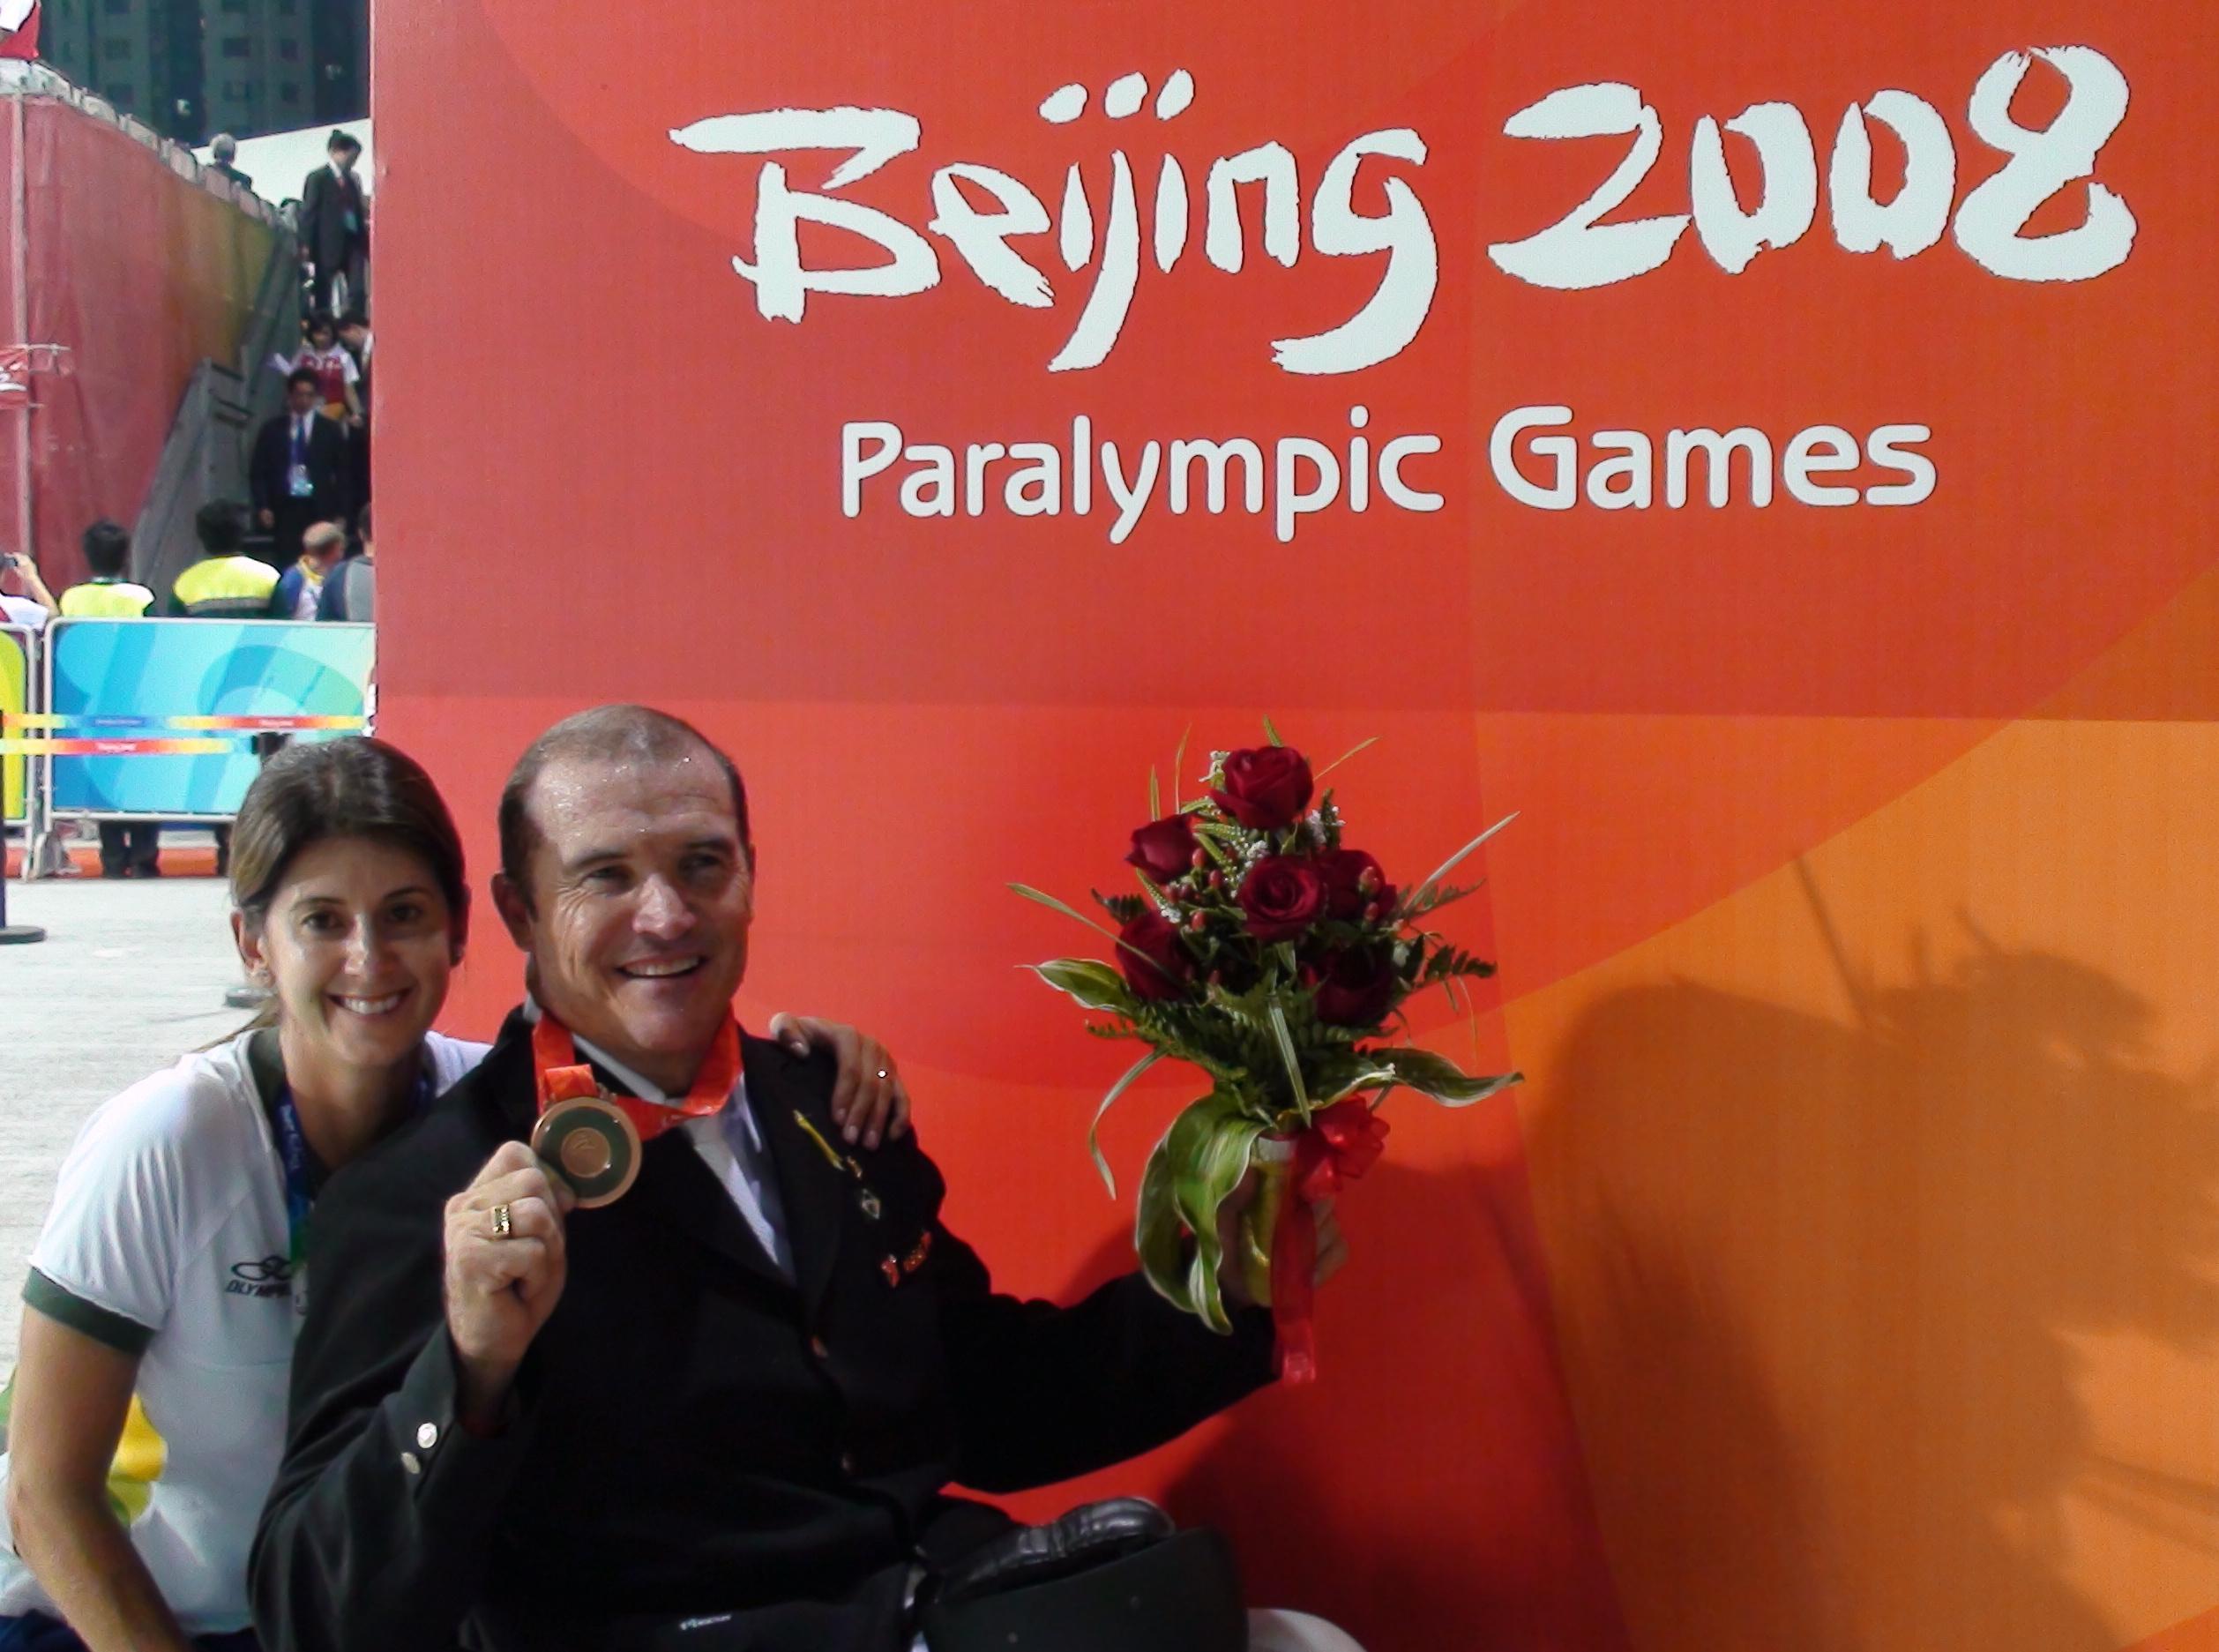 Eu com o Joca, medalhista paraolímpico em Pequim